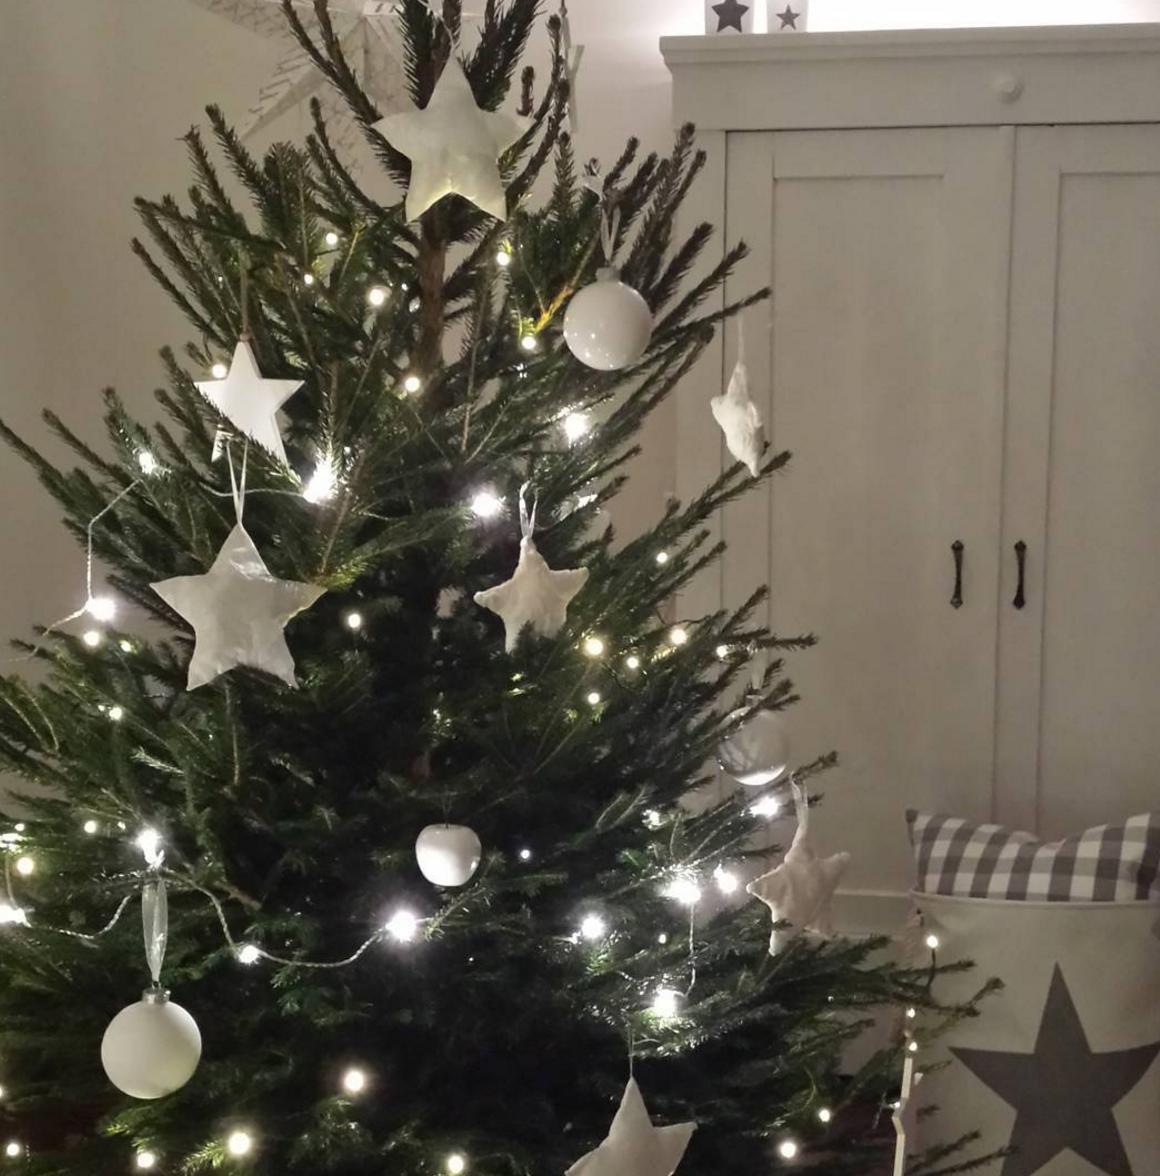 Sch ne weihnachtsb ume von instagram wohnkonfetti wohnkonfetti - Weihnachtsbaum ideen ...